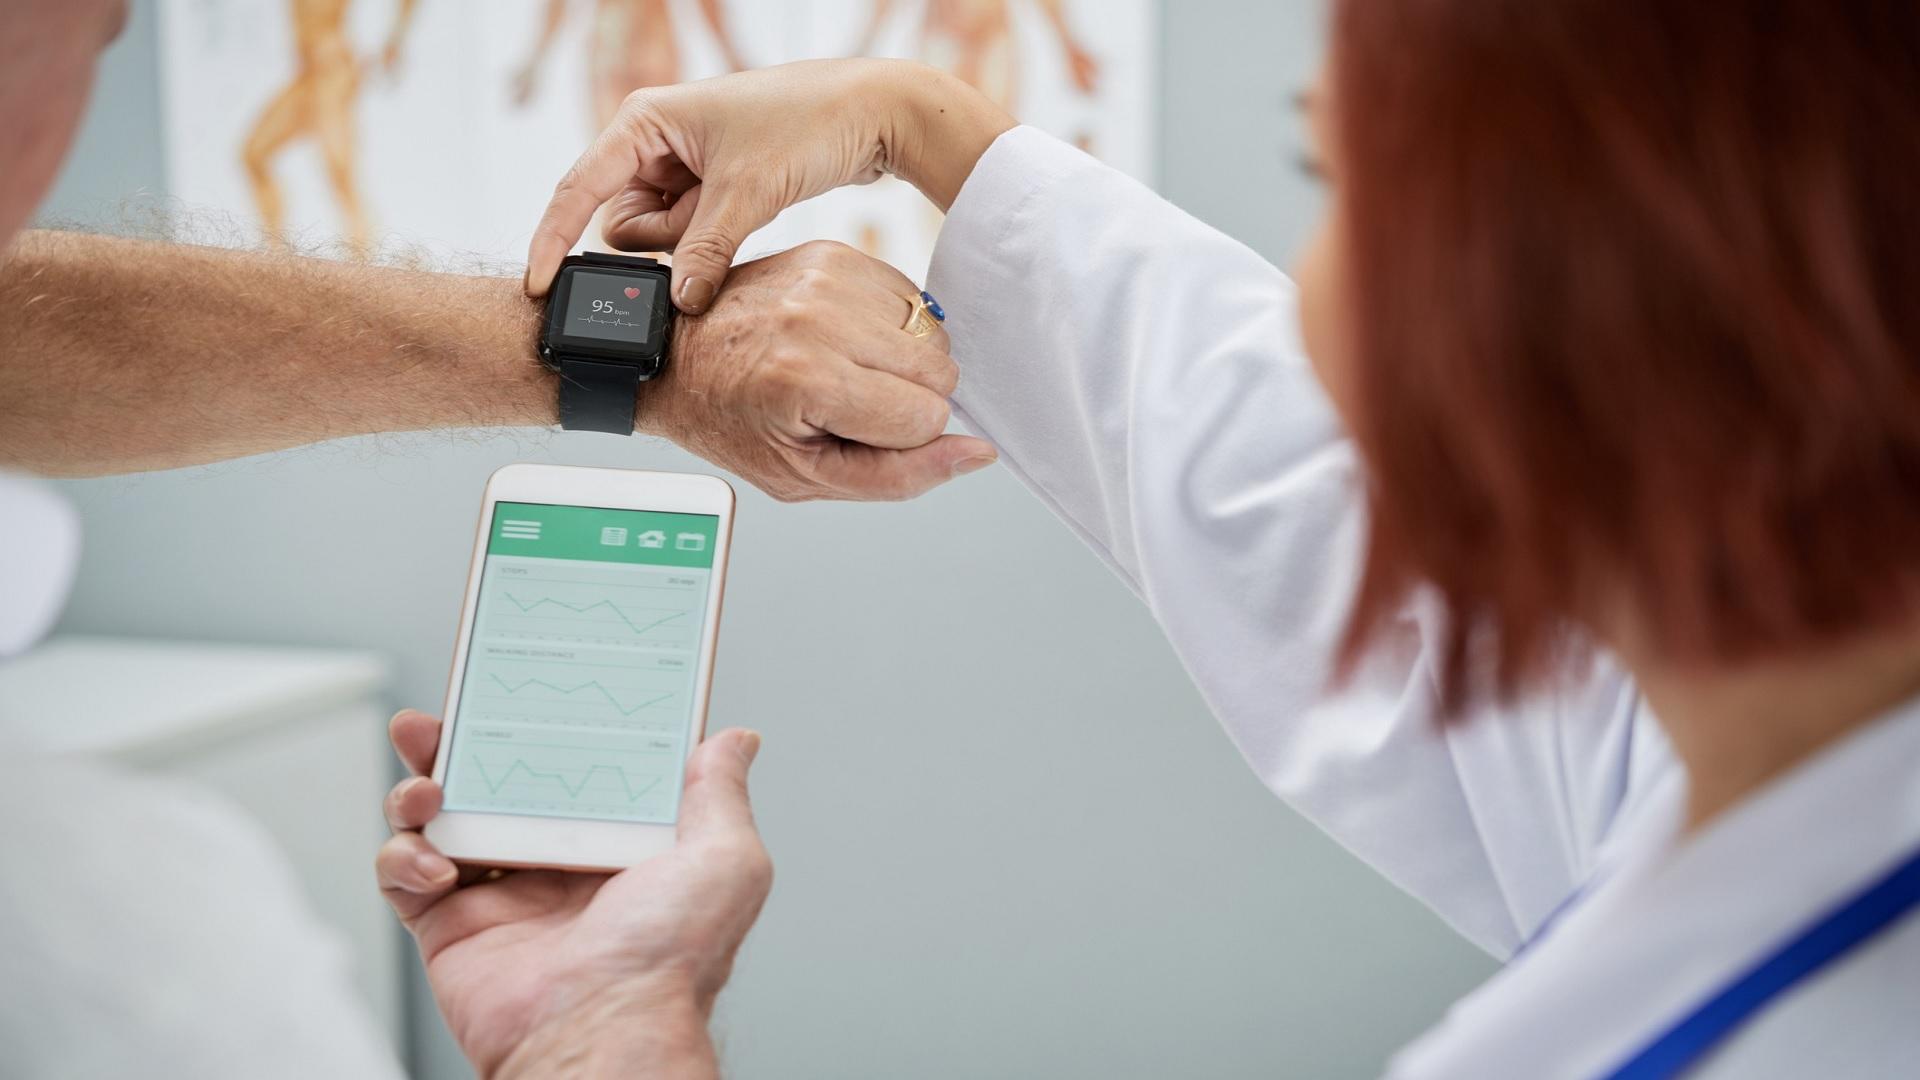 Πανδημία ιατρικά λάθη: φορητή συσκευή μετρά την έκταση της εξάντλησης των γιατρών